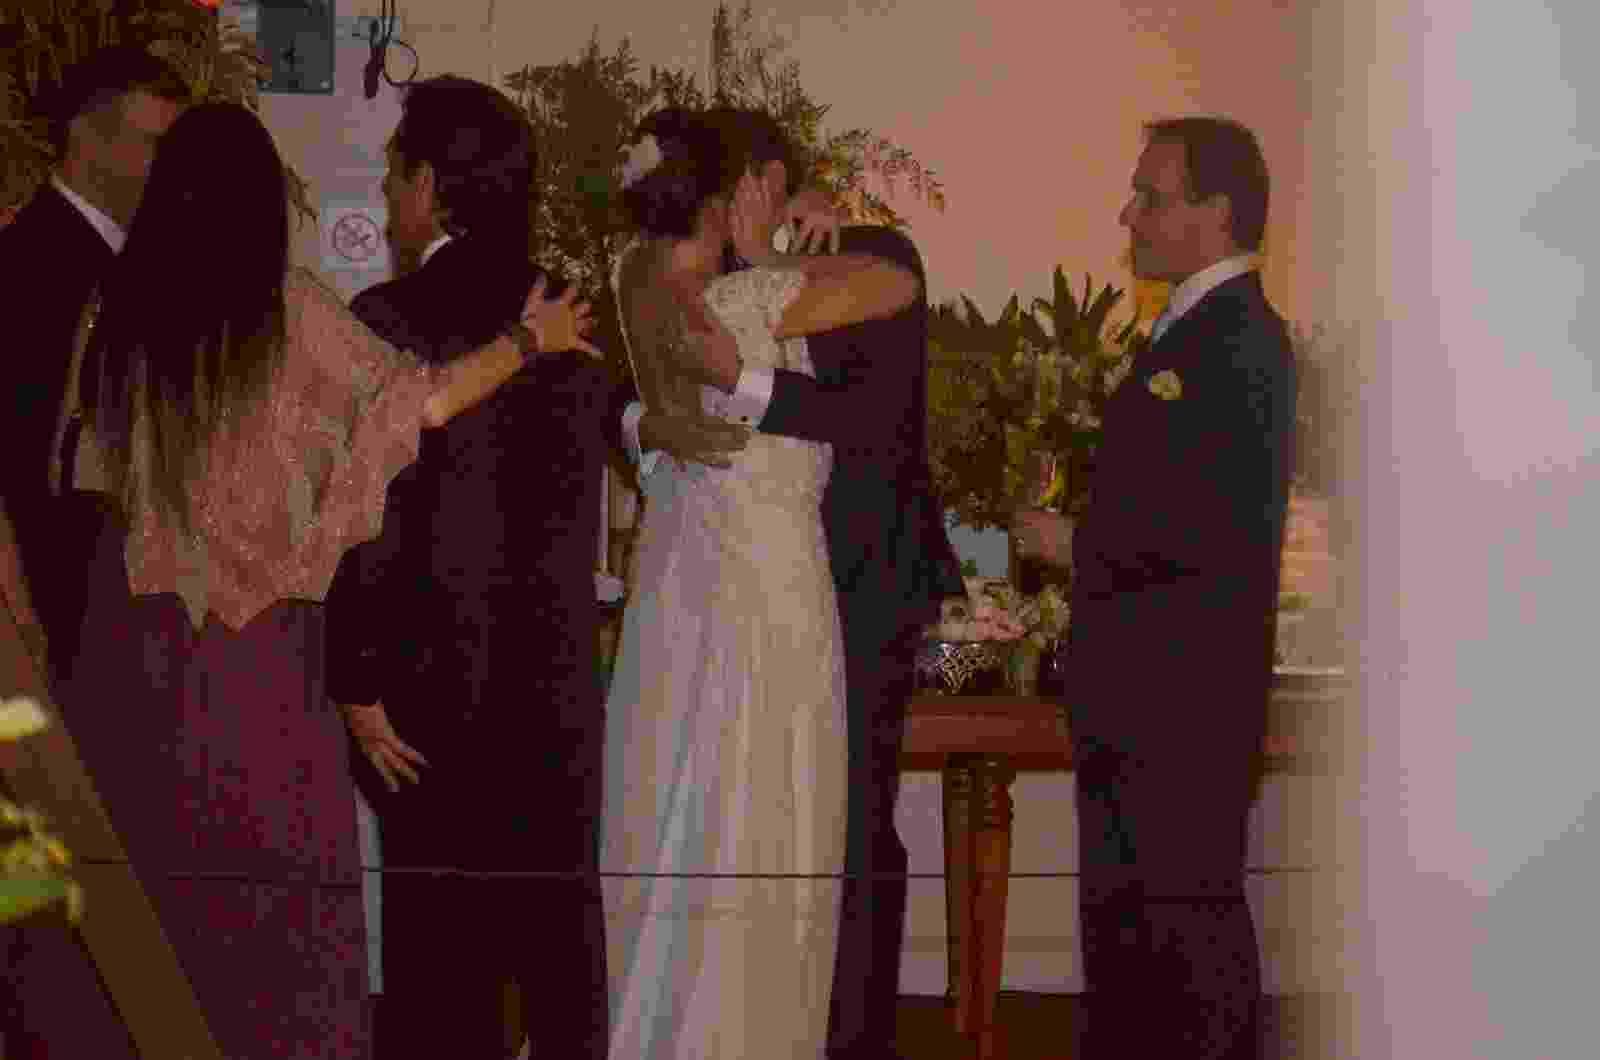 Glenda Kozlowski e o dentista Luis Tepedino se casam em cerimônia no Rio de Janeiro - WEBERT BELICIO E DANIEL DELMIRO / AGNEWS